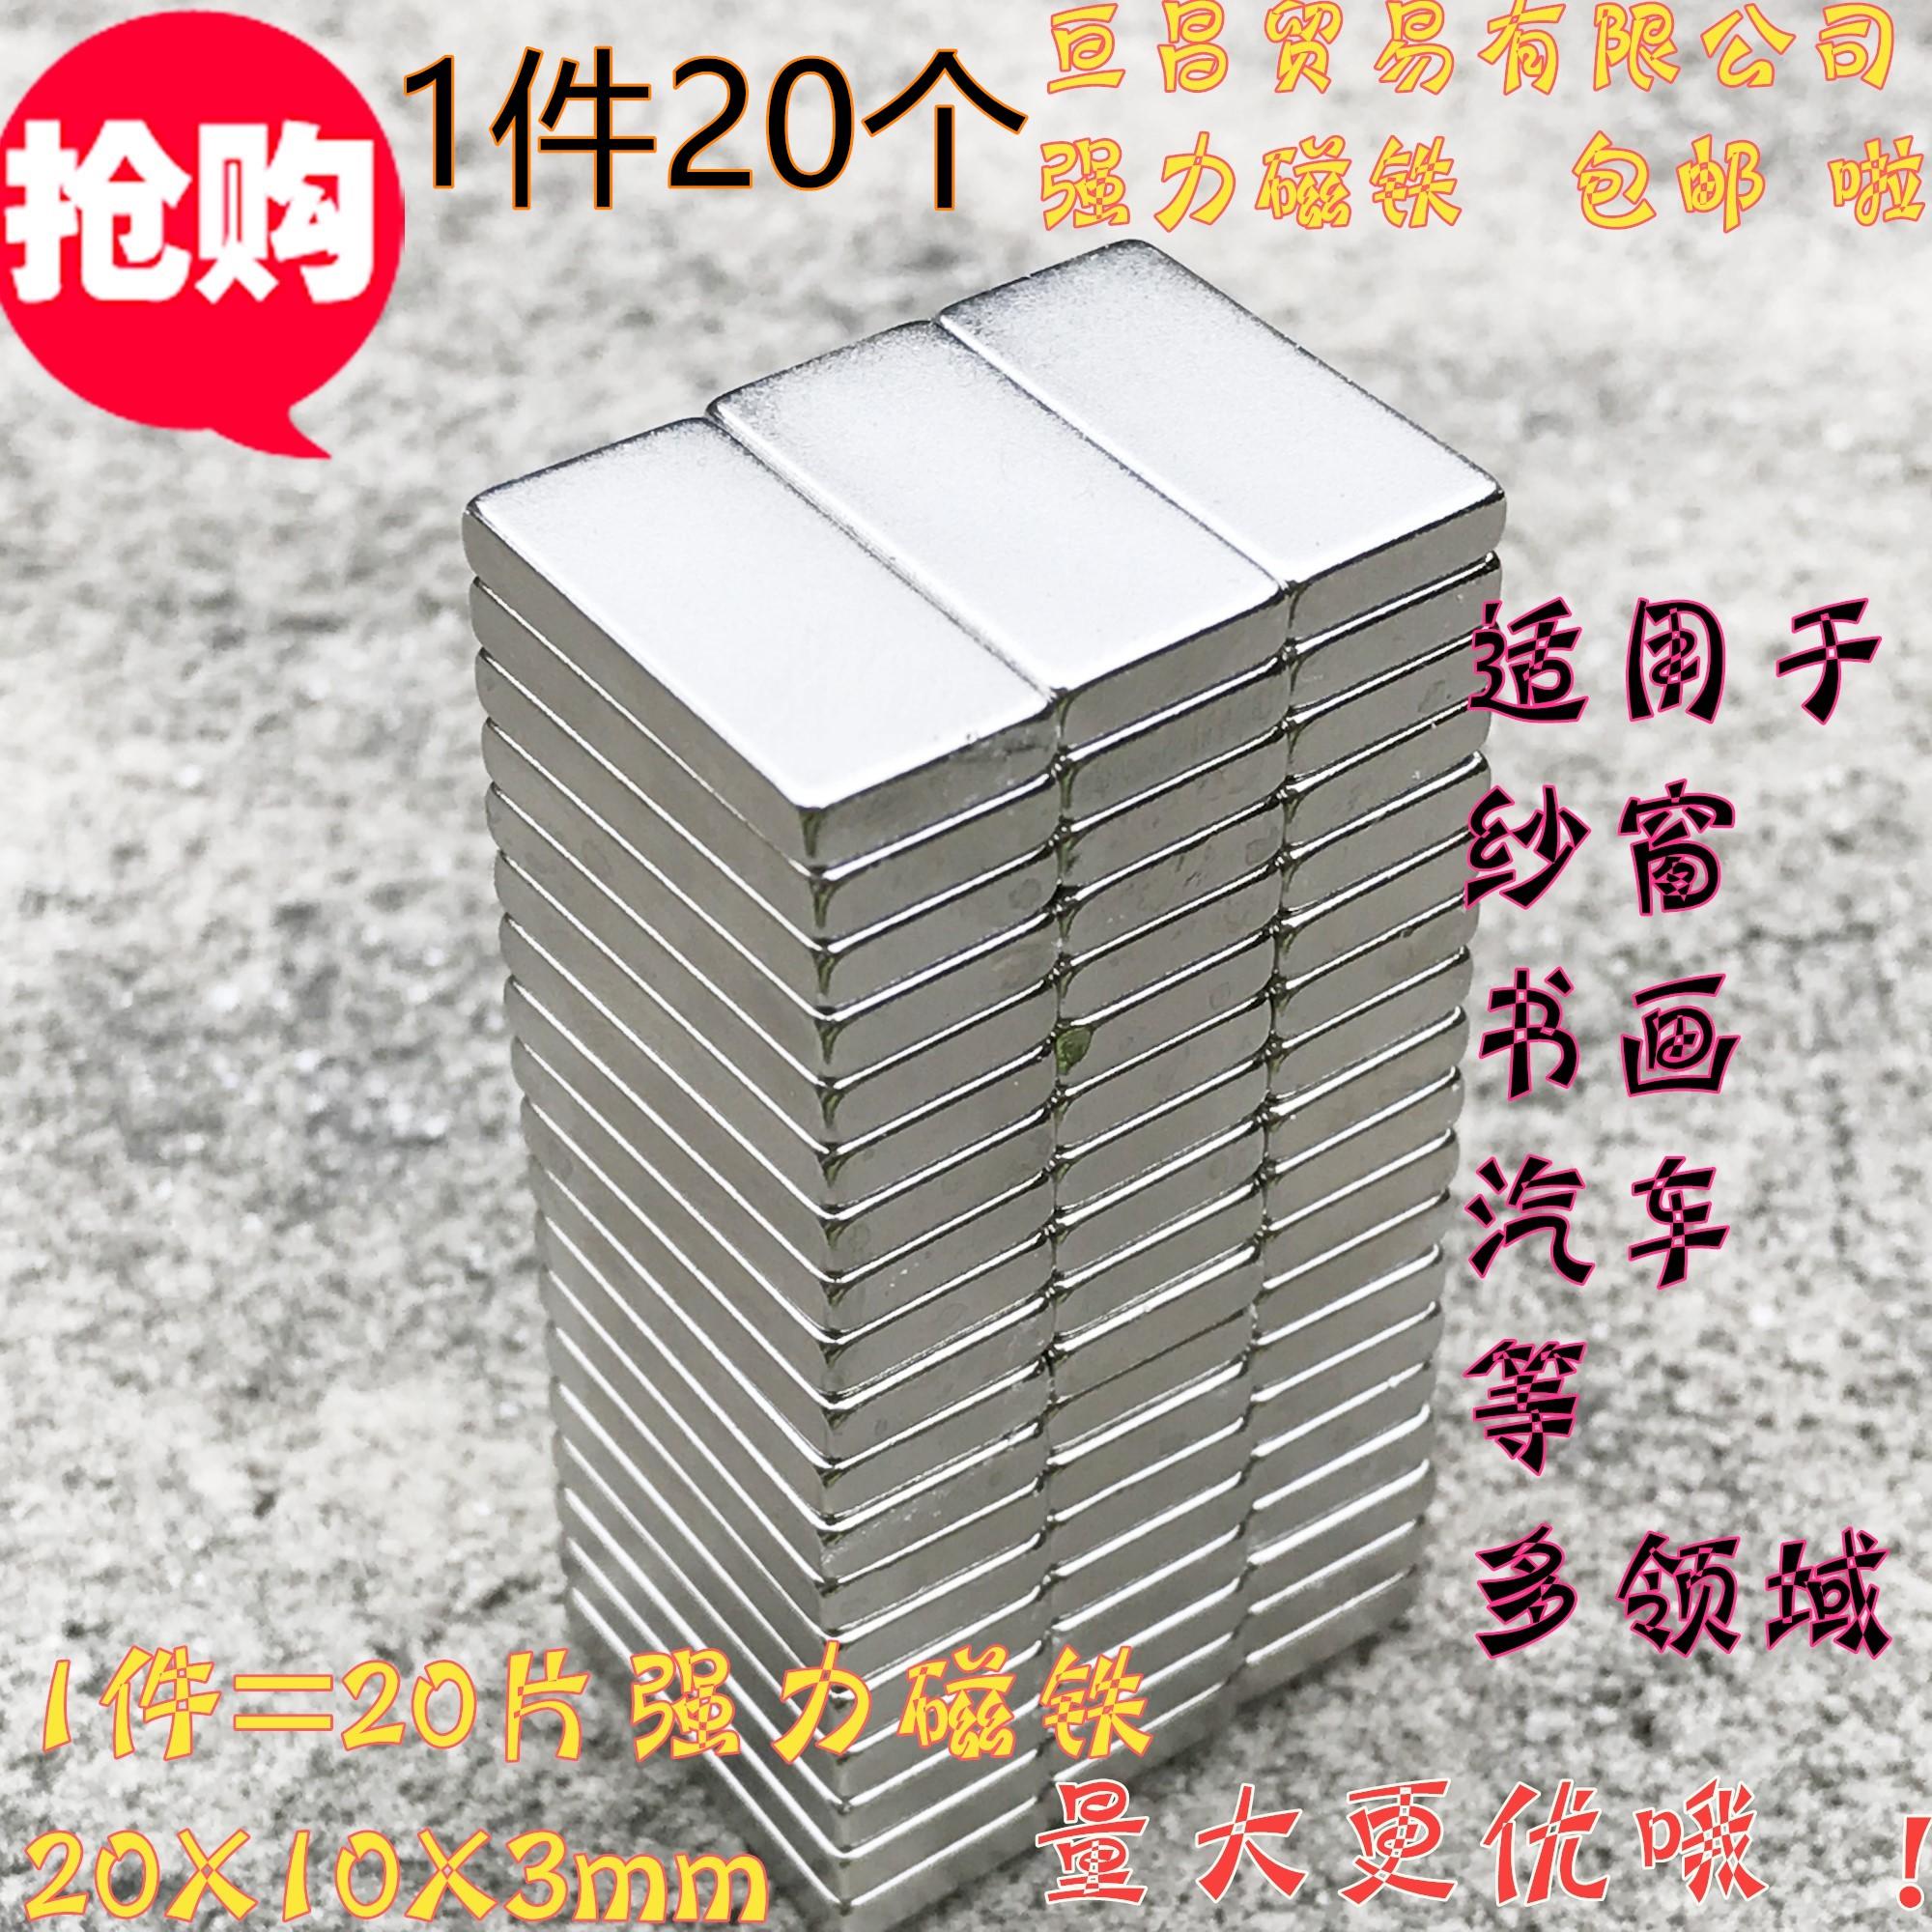 Неодим железо бор магнит 20mm мощный магнит магнитный железо поглощать железо камень прямоугольник 20x10x3mm1 модель 20 лист пакет mail